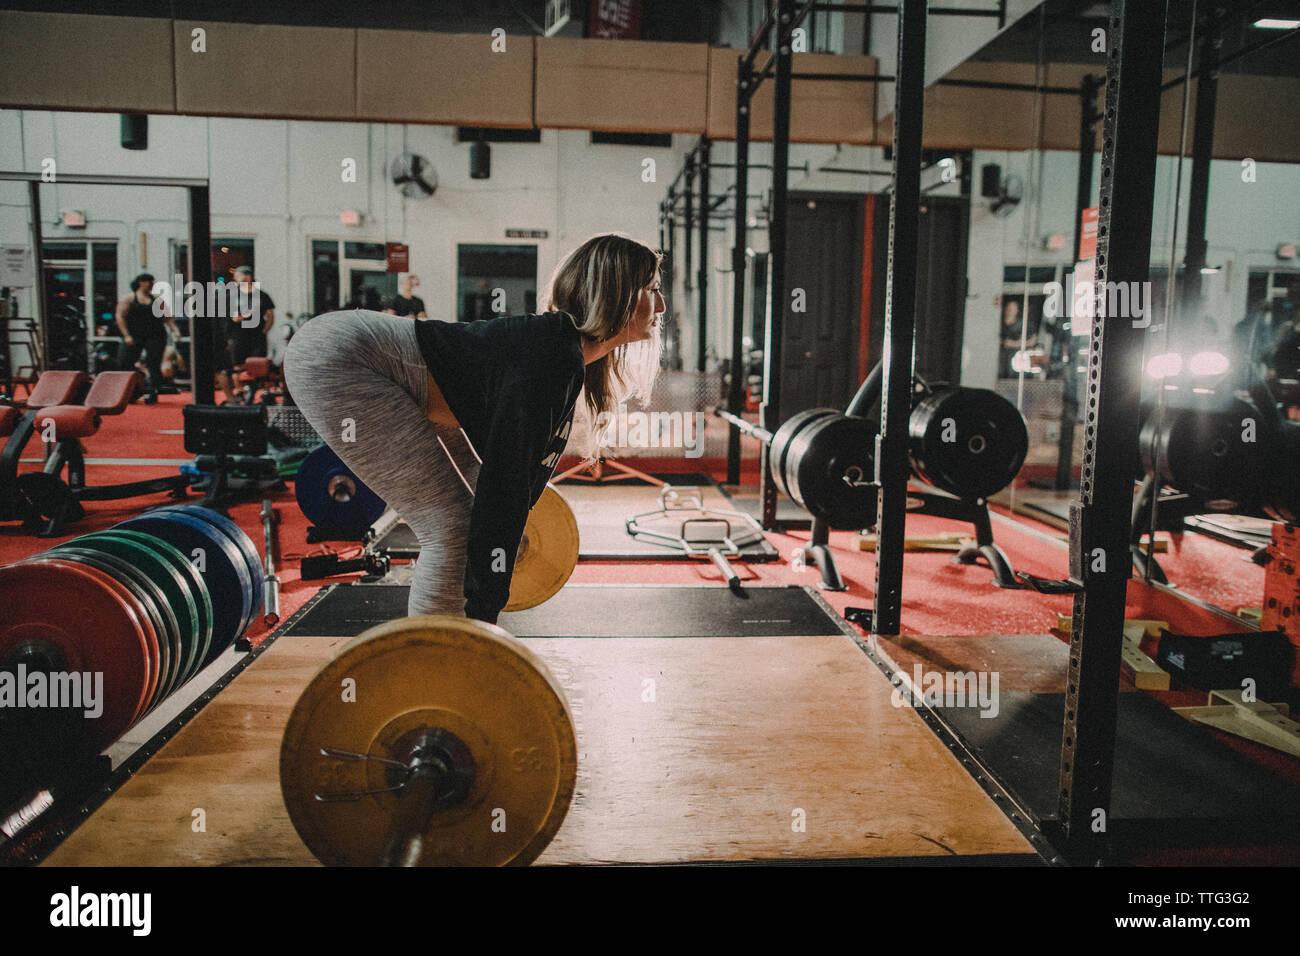 Seitenansicht des attraktiven Tausendjährigen gealterte Frau Ausbildung auf dem Squat Rack Stockfoto